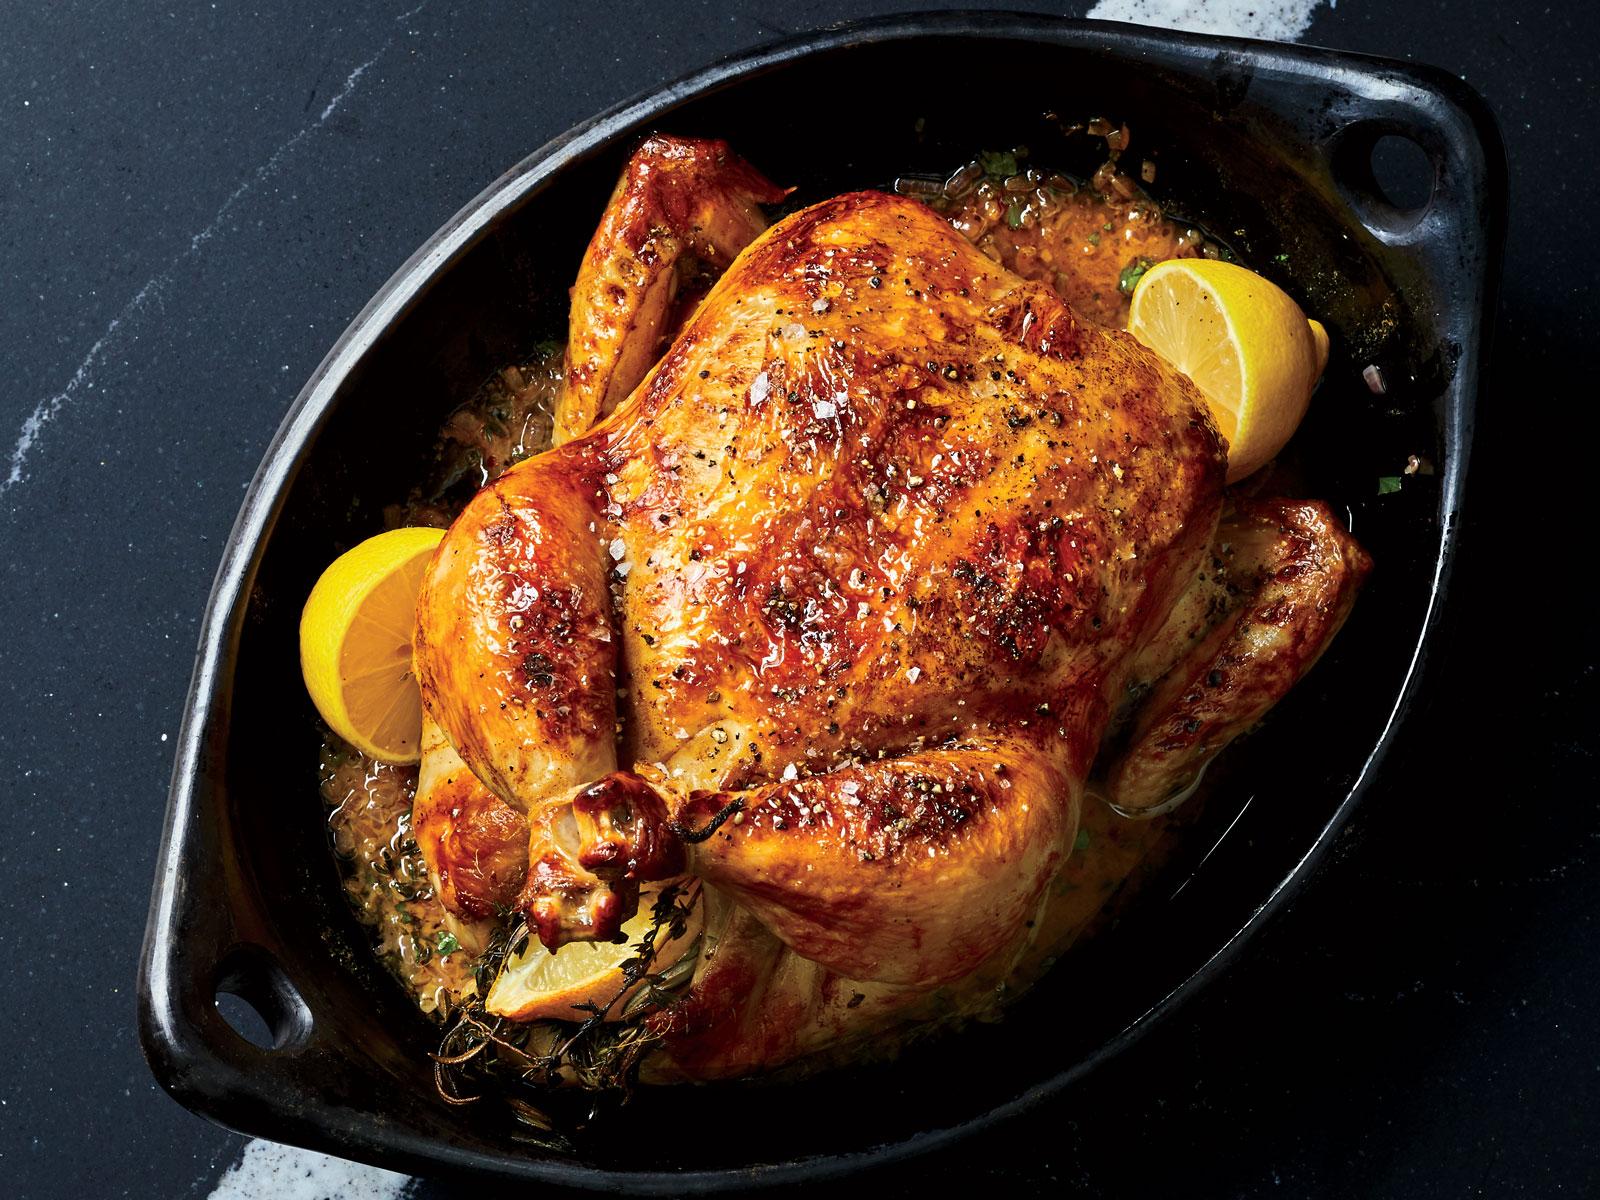 Juicy Lemon-and-Herb Roast Chicken